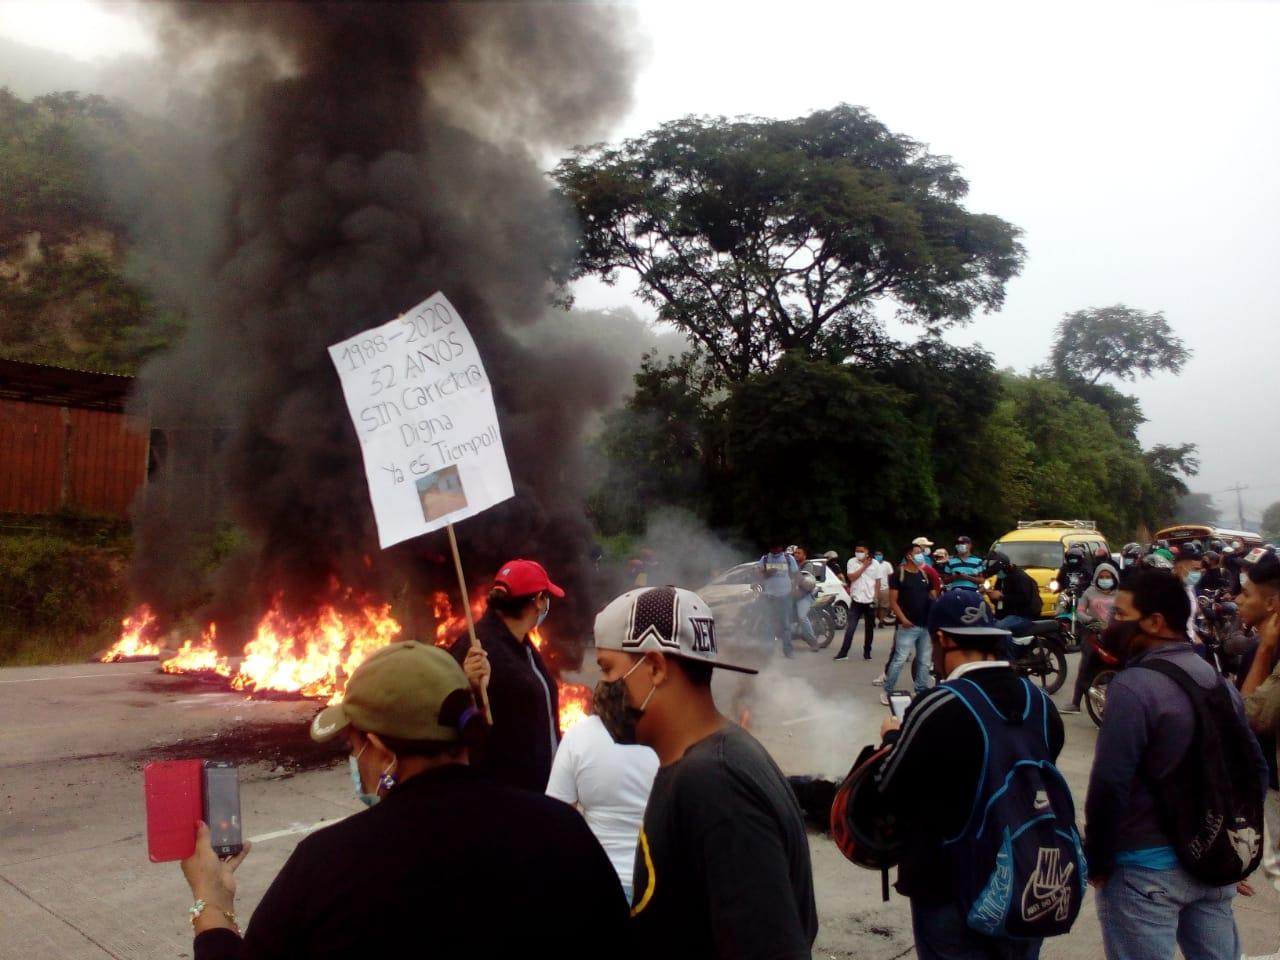 ¡Con toma  y quema de llantas! Pobladores de cuatro comunidades protestan  en la salida al sur exigiendo la reparación de calles